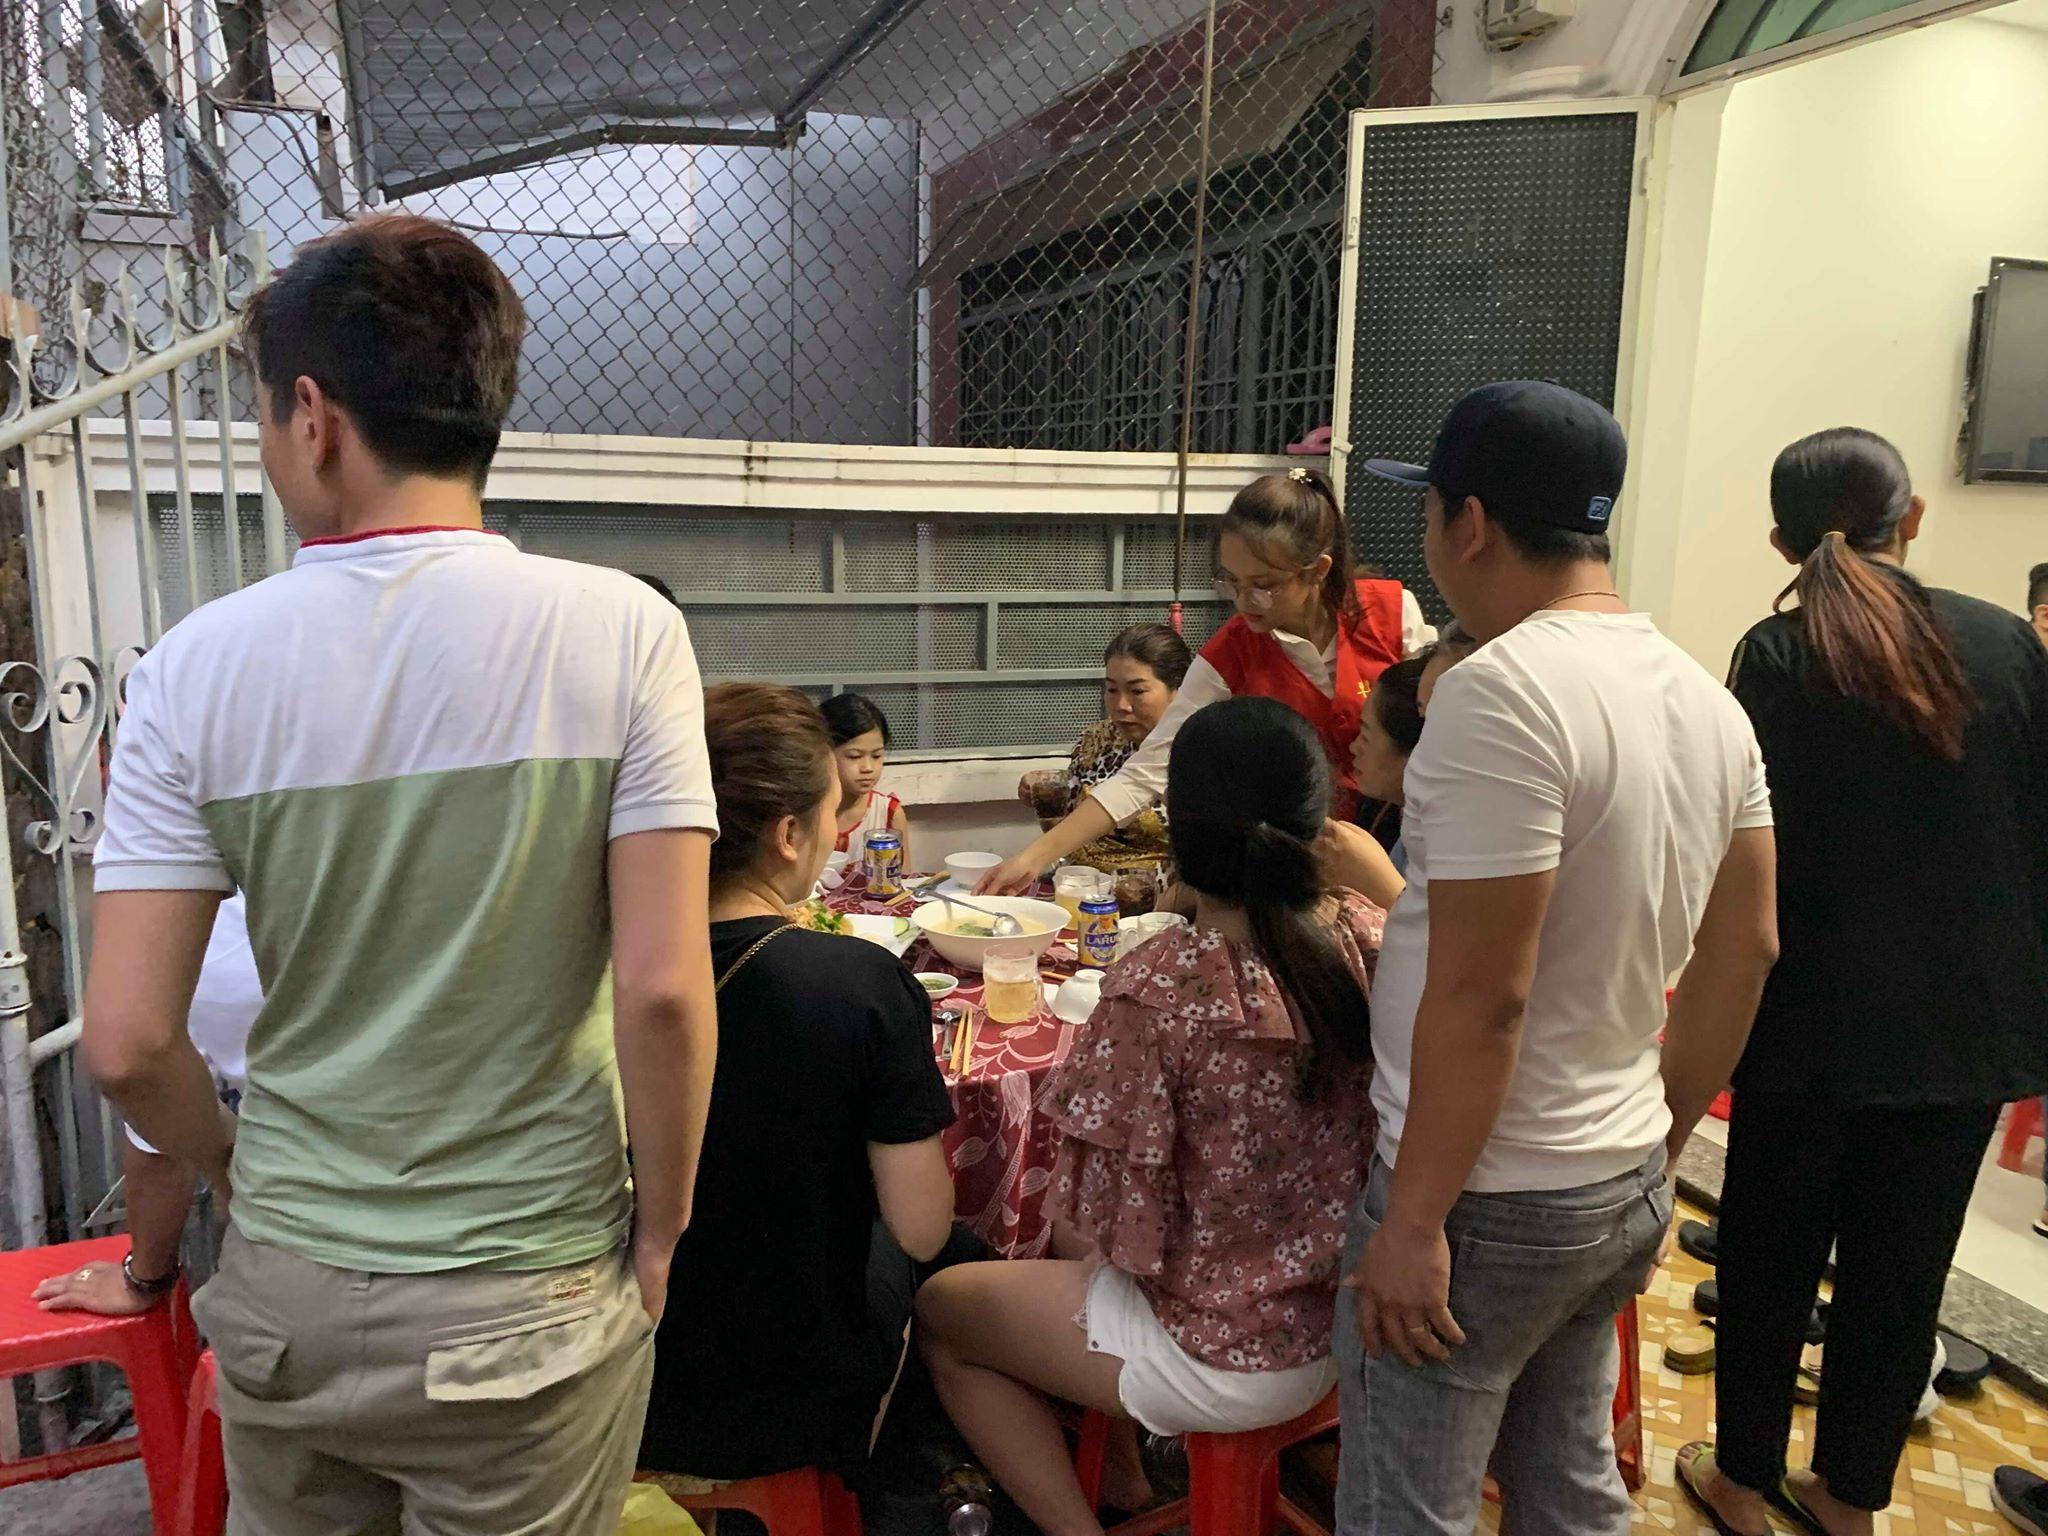 Nhân Viên của dịch vụ nấu tiệc tại nhà HuniFood Đang Phục vụ tiệc cho Gia chủ